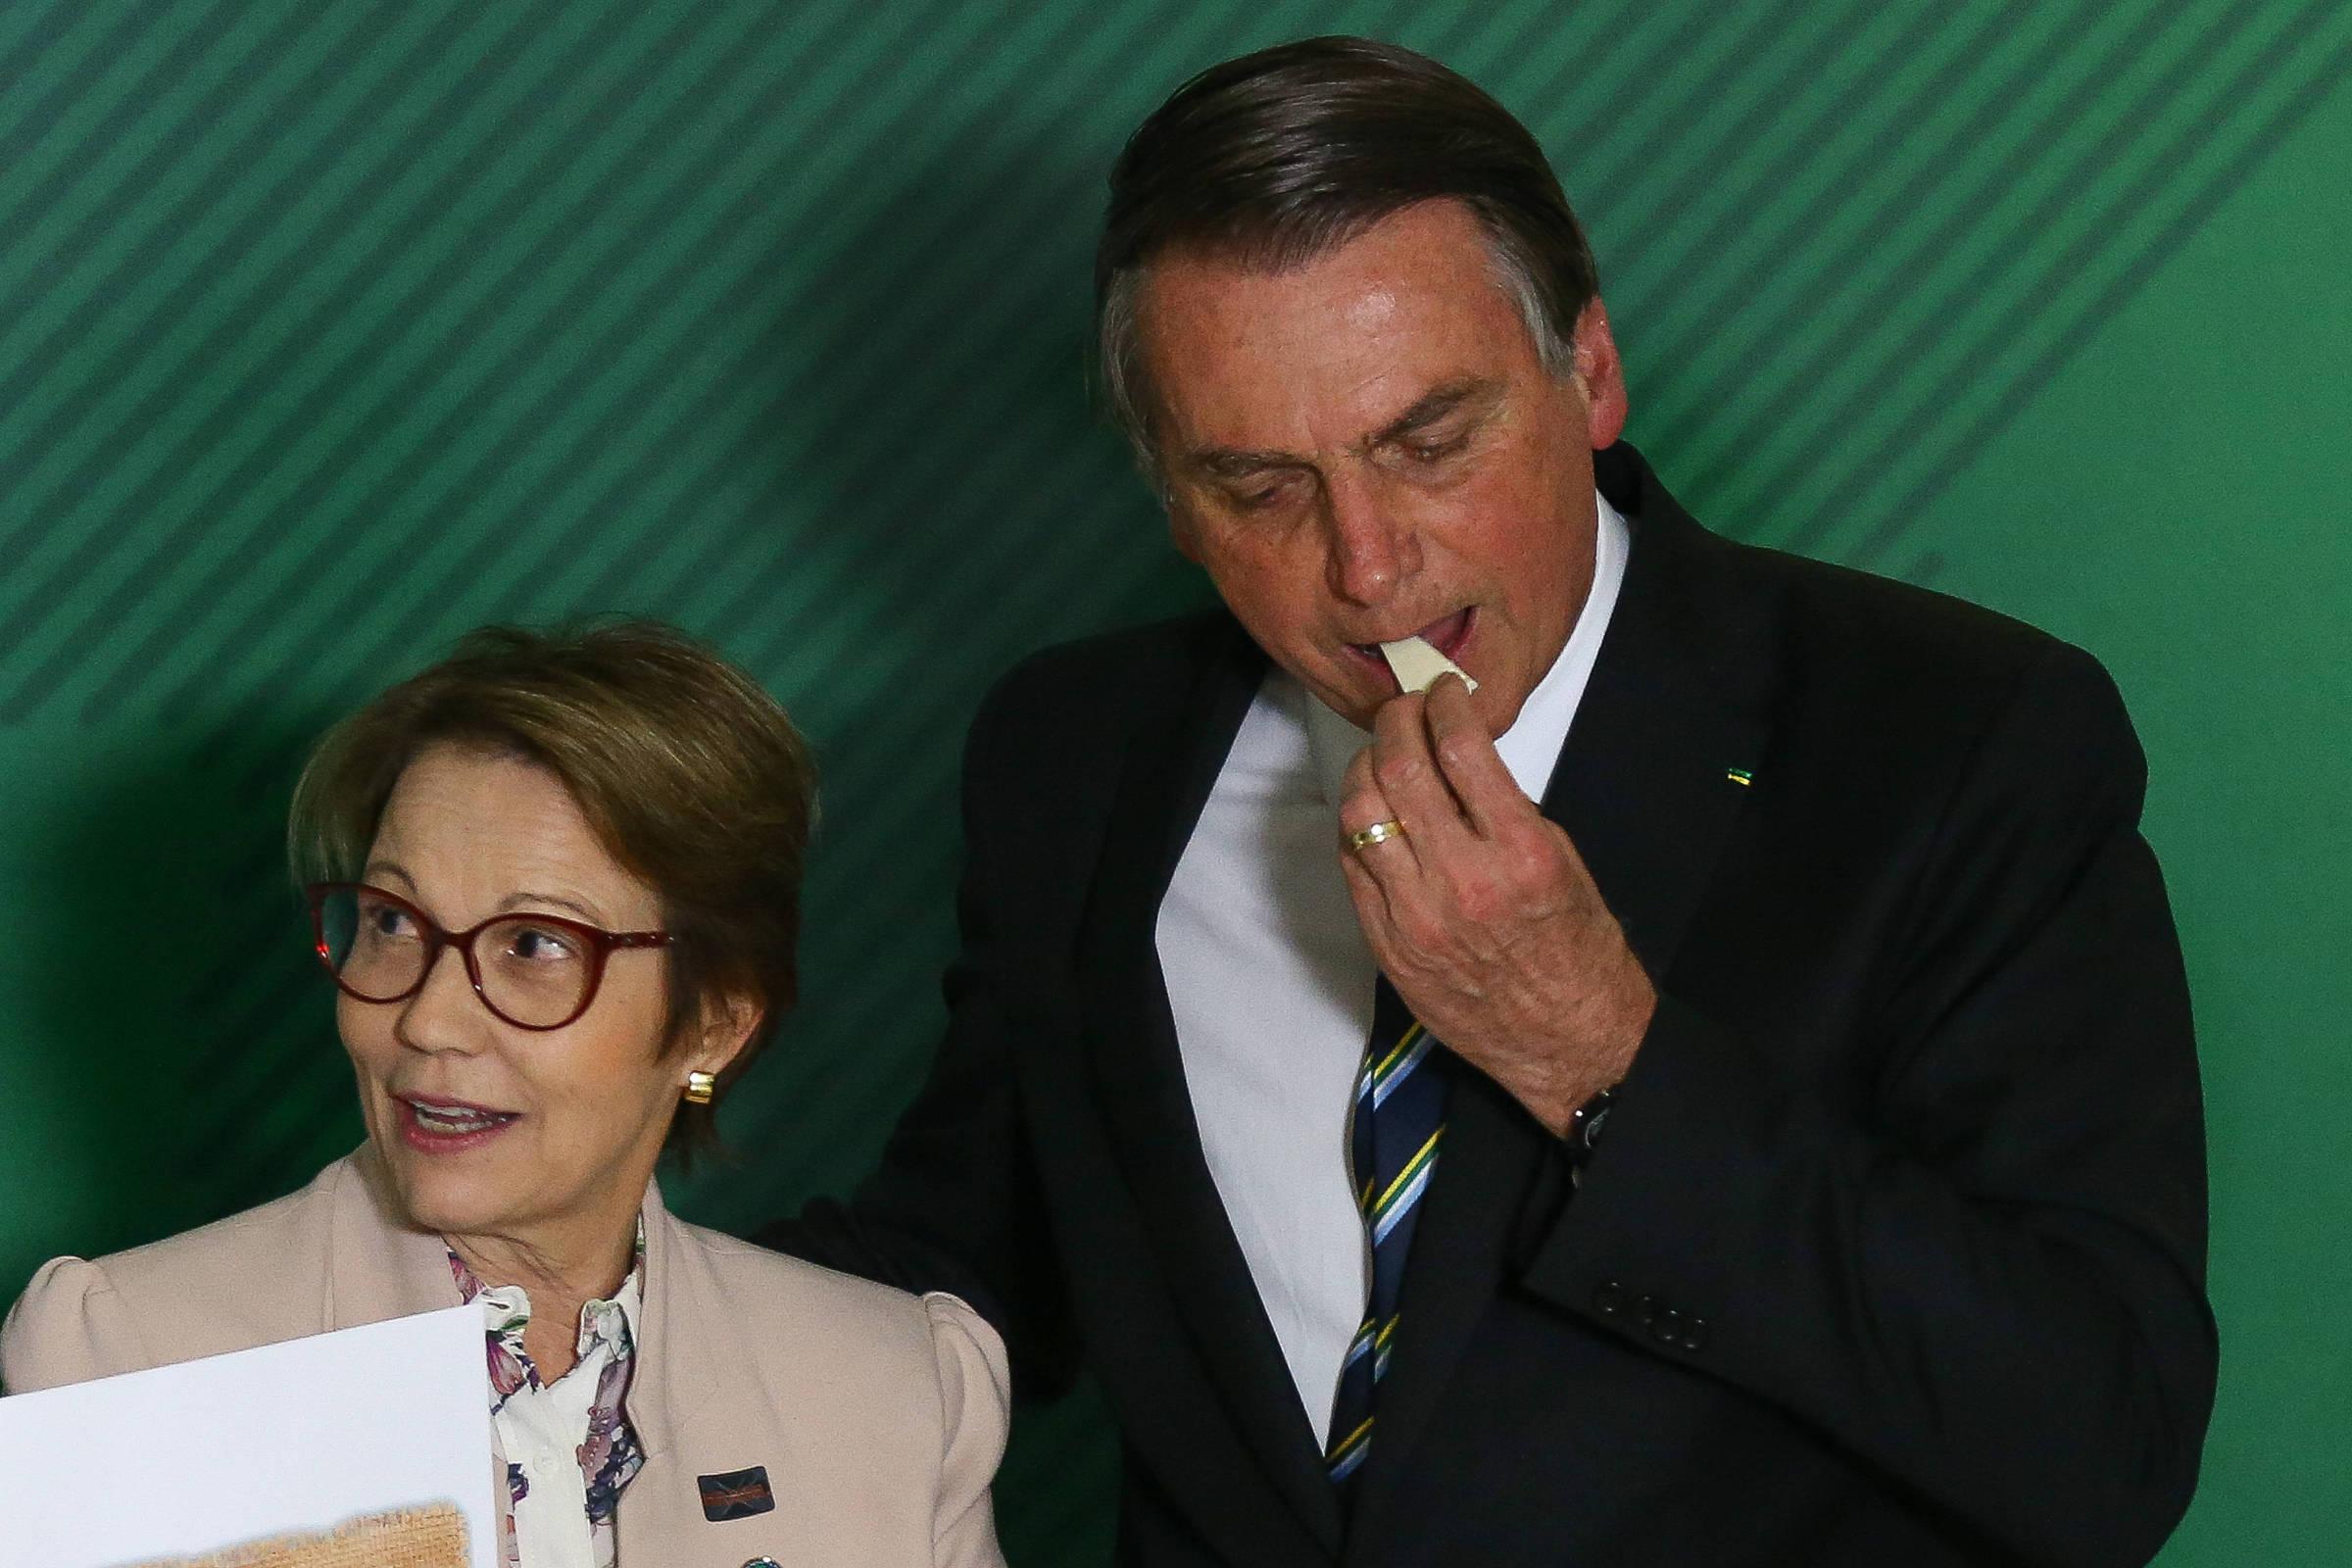 Mudanças no governo   Pressão de Bolsonaro leva à queda  de número 2 da Receita Federal